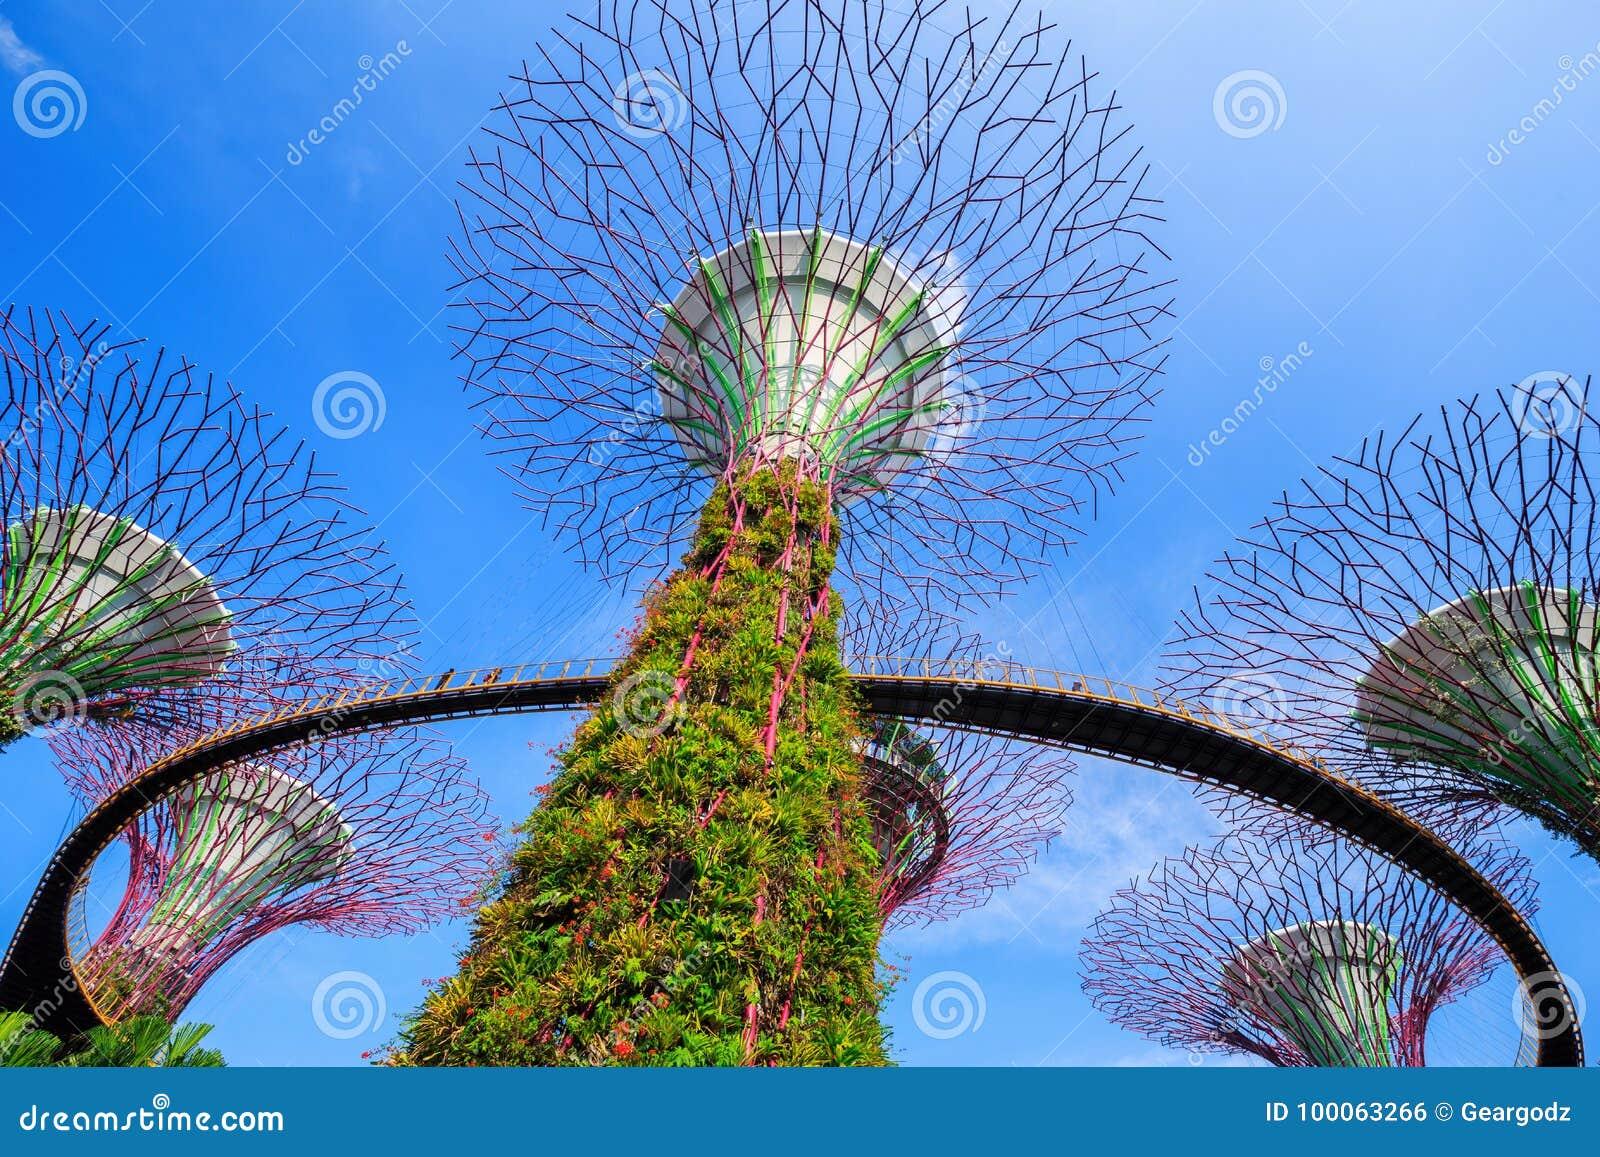 Μη αναγνωρισμένος τουρίστας που επισκέπτεται skyway των κήπων από τον κόλπο στην αμαρτία